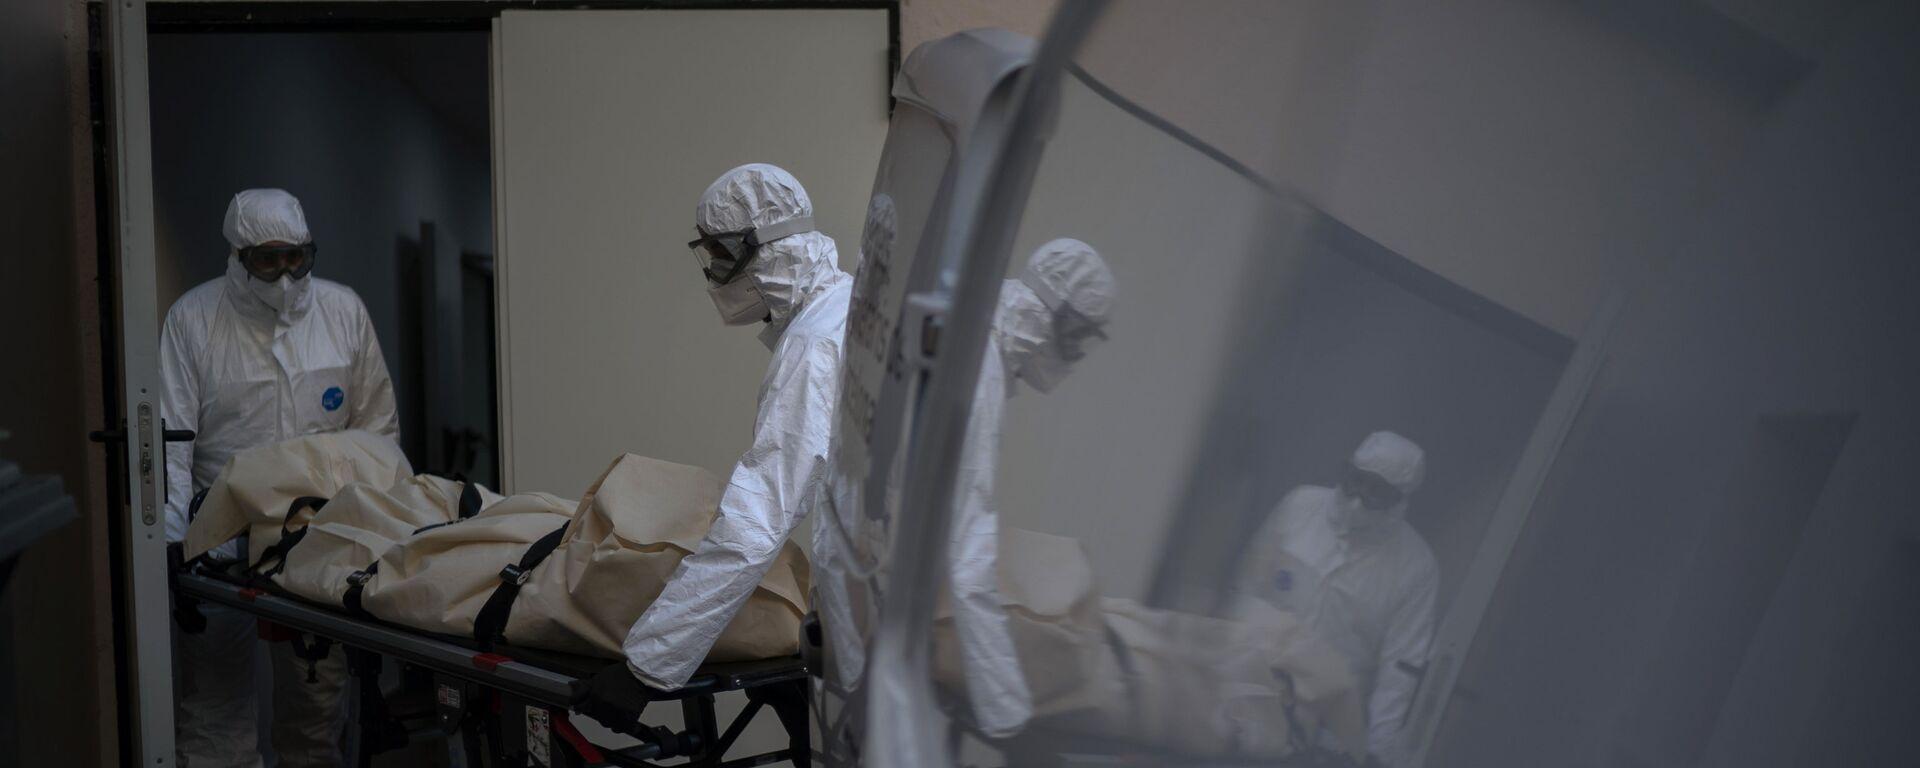 Trabajadores de una morgue recogen el cuerpo de una víctima de COVID-19 de un hogar de ancianos en Barcelona, España.  - Sputnik Mundo, 1920, 26.11.2020